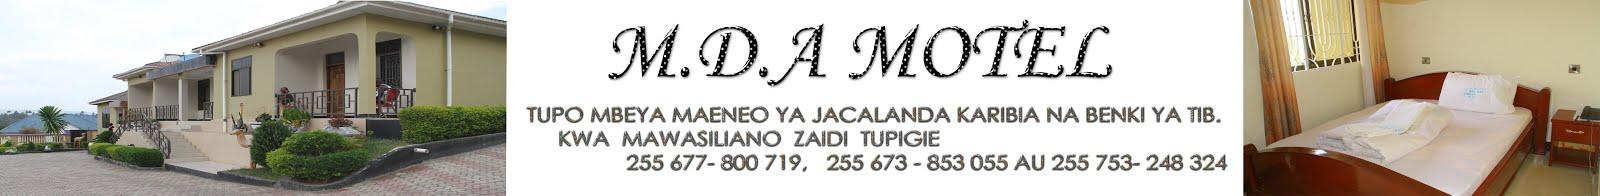 m.d.a